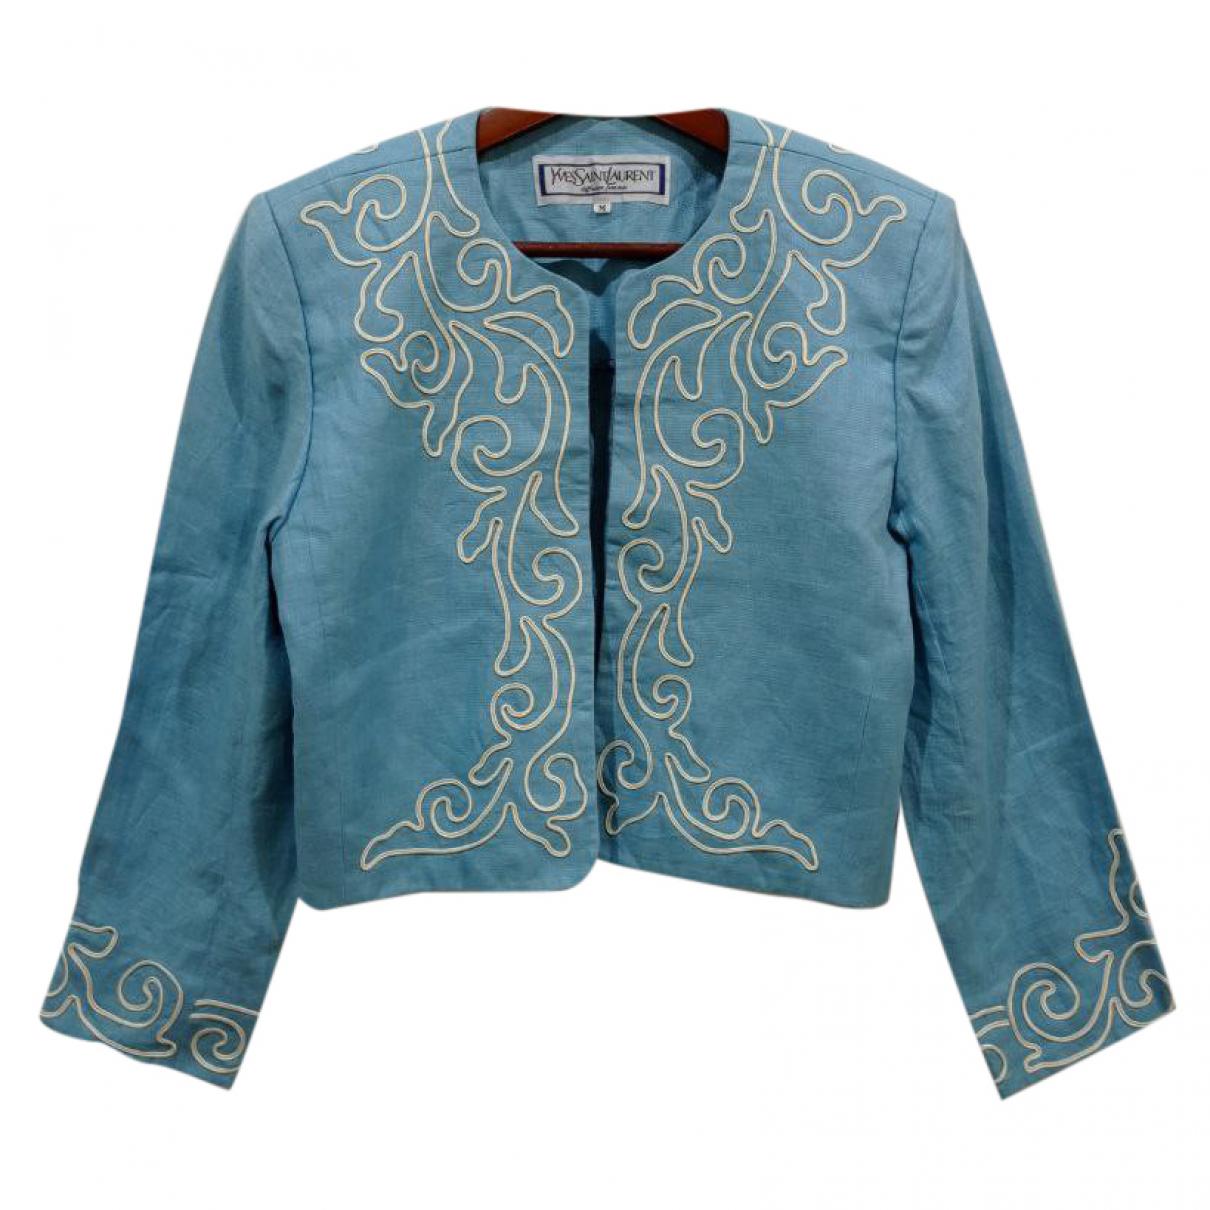 Yves Saint Laurent - Veste   pour femme en coton - bleu